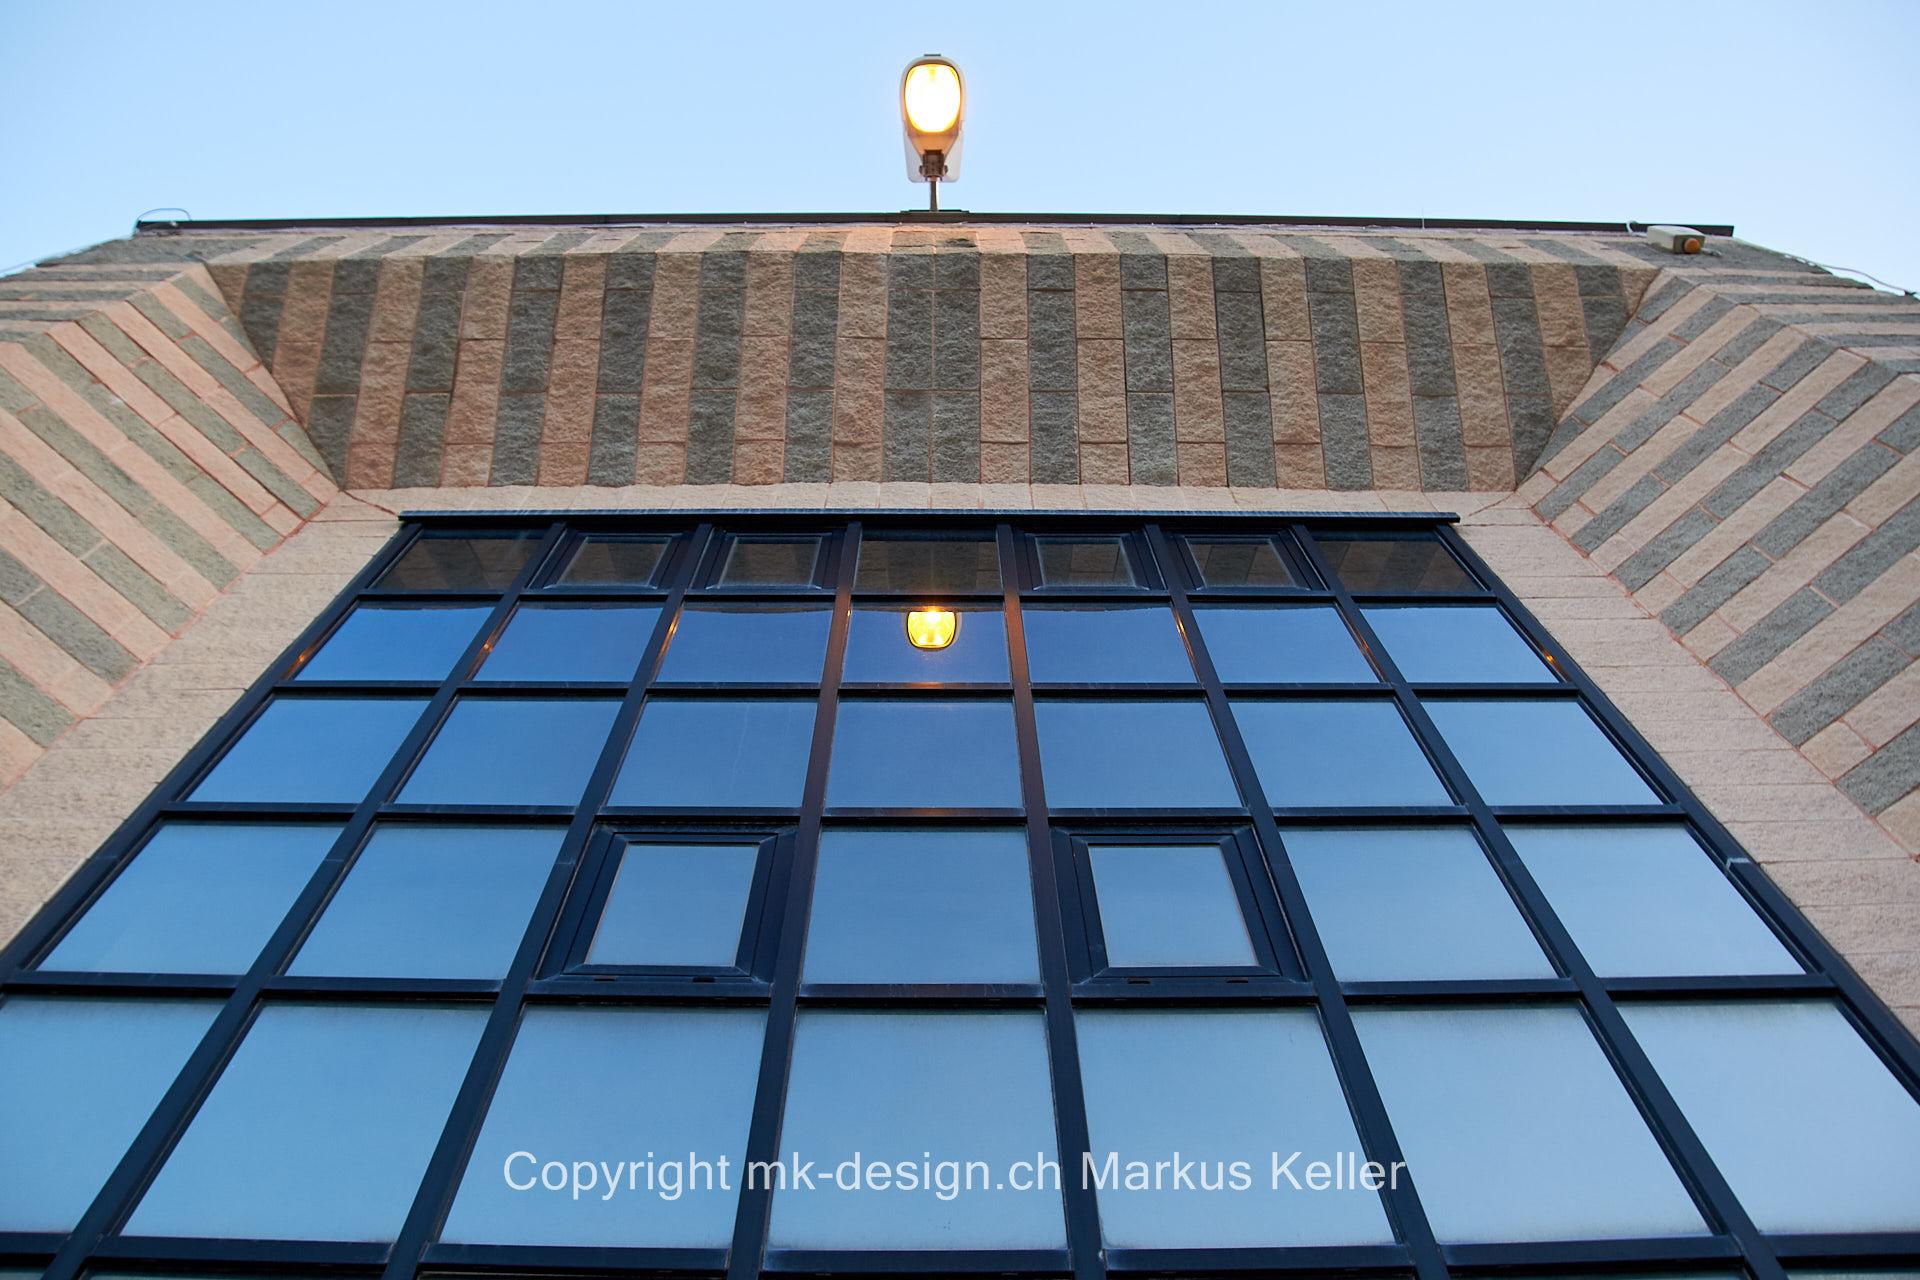 Bauwerk   Haus   Bootshaus   Fenster